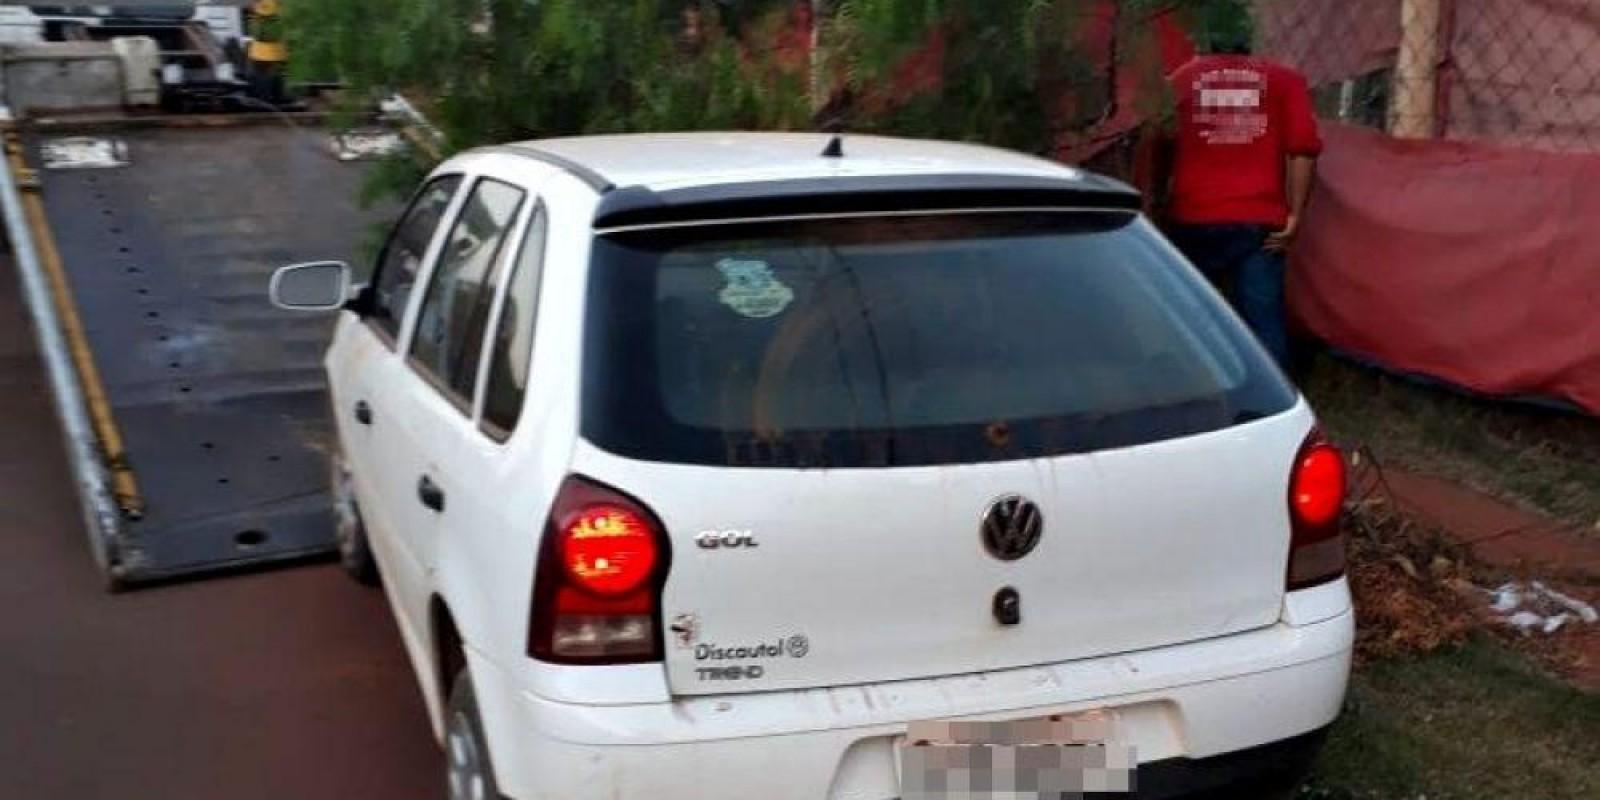 Carro furtado no Santos Dumont é recuperado pela polícia em menos 48 horas